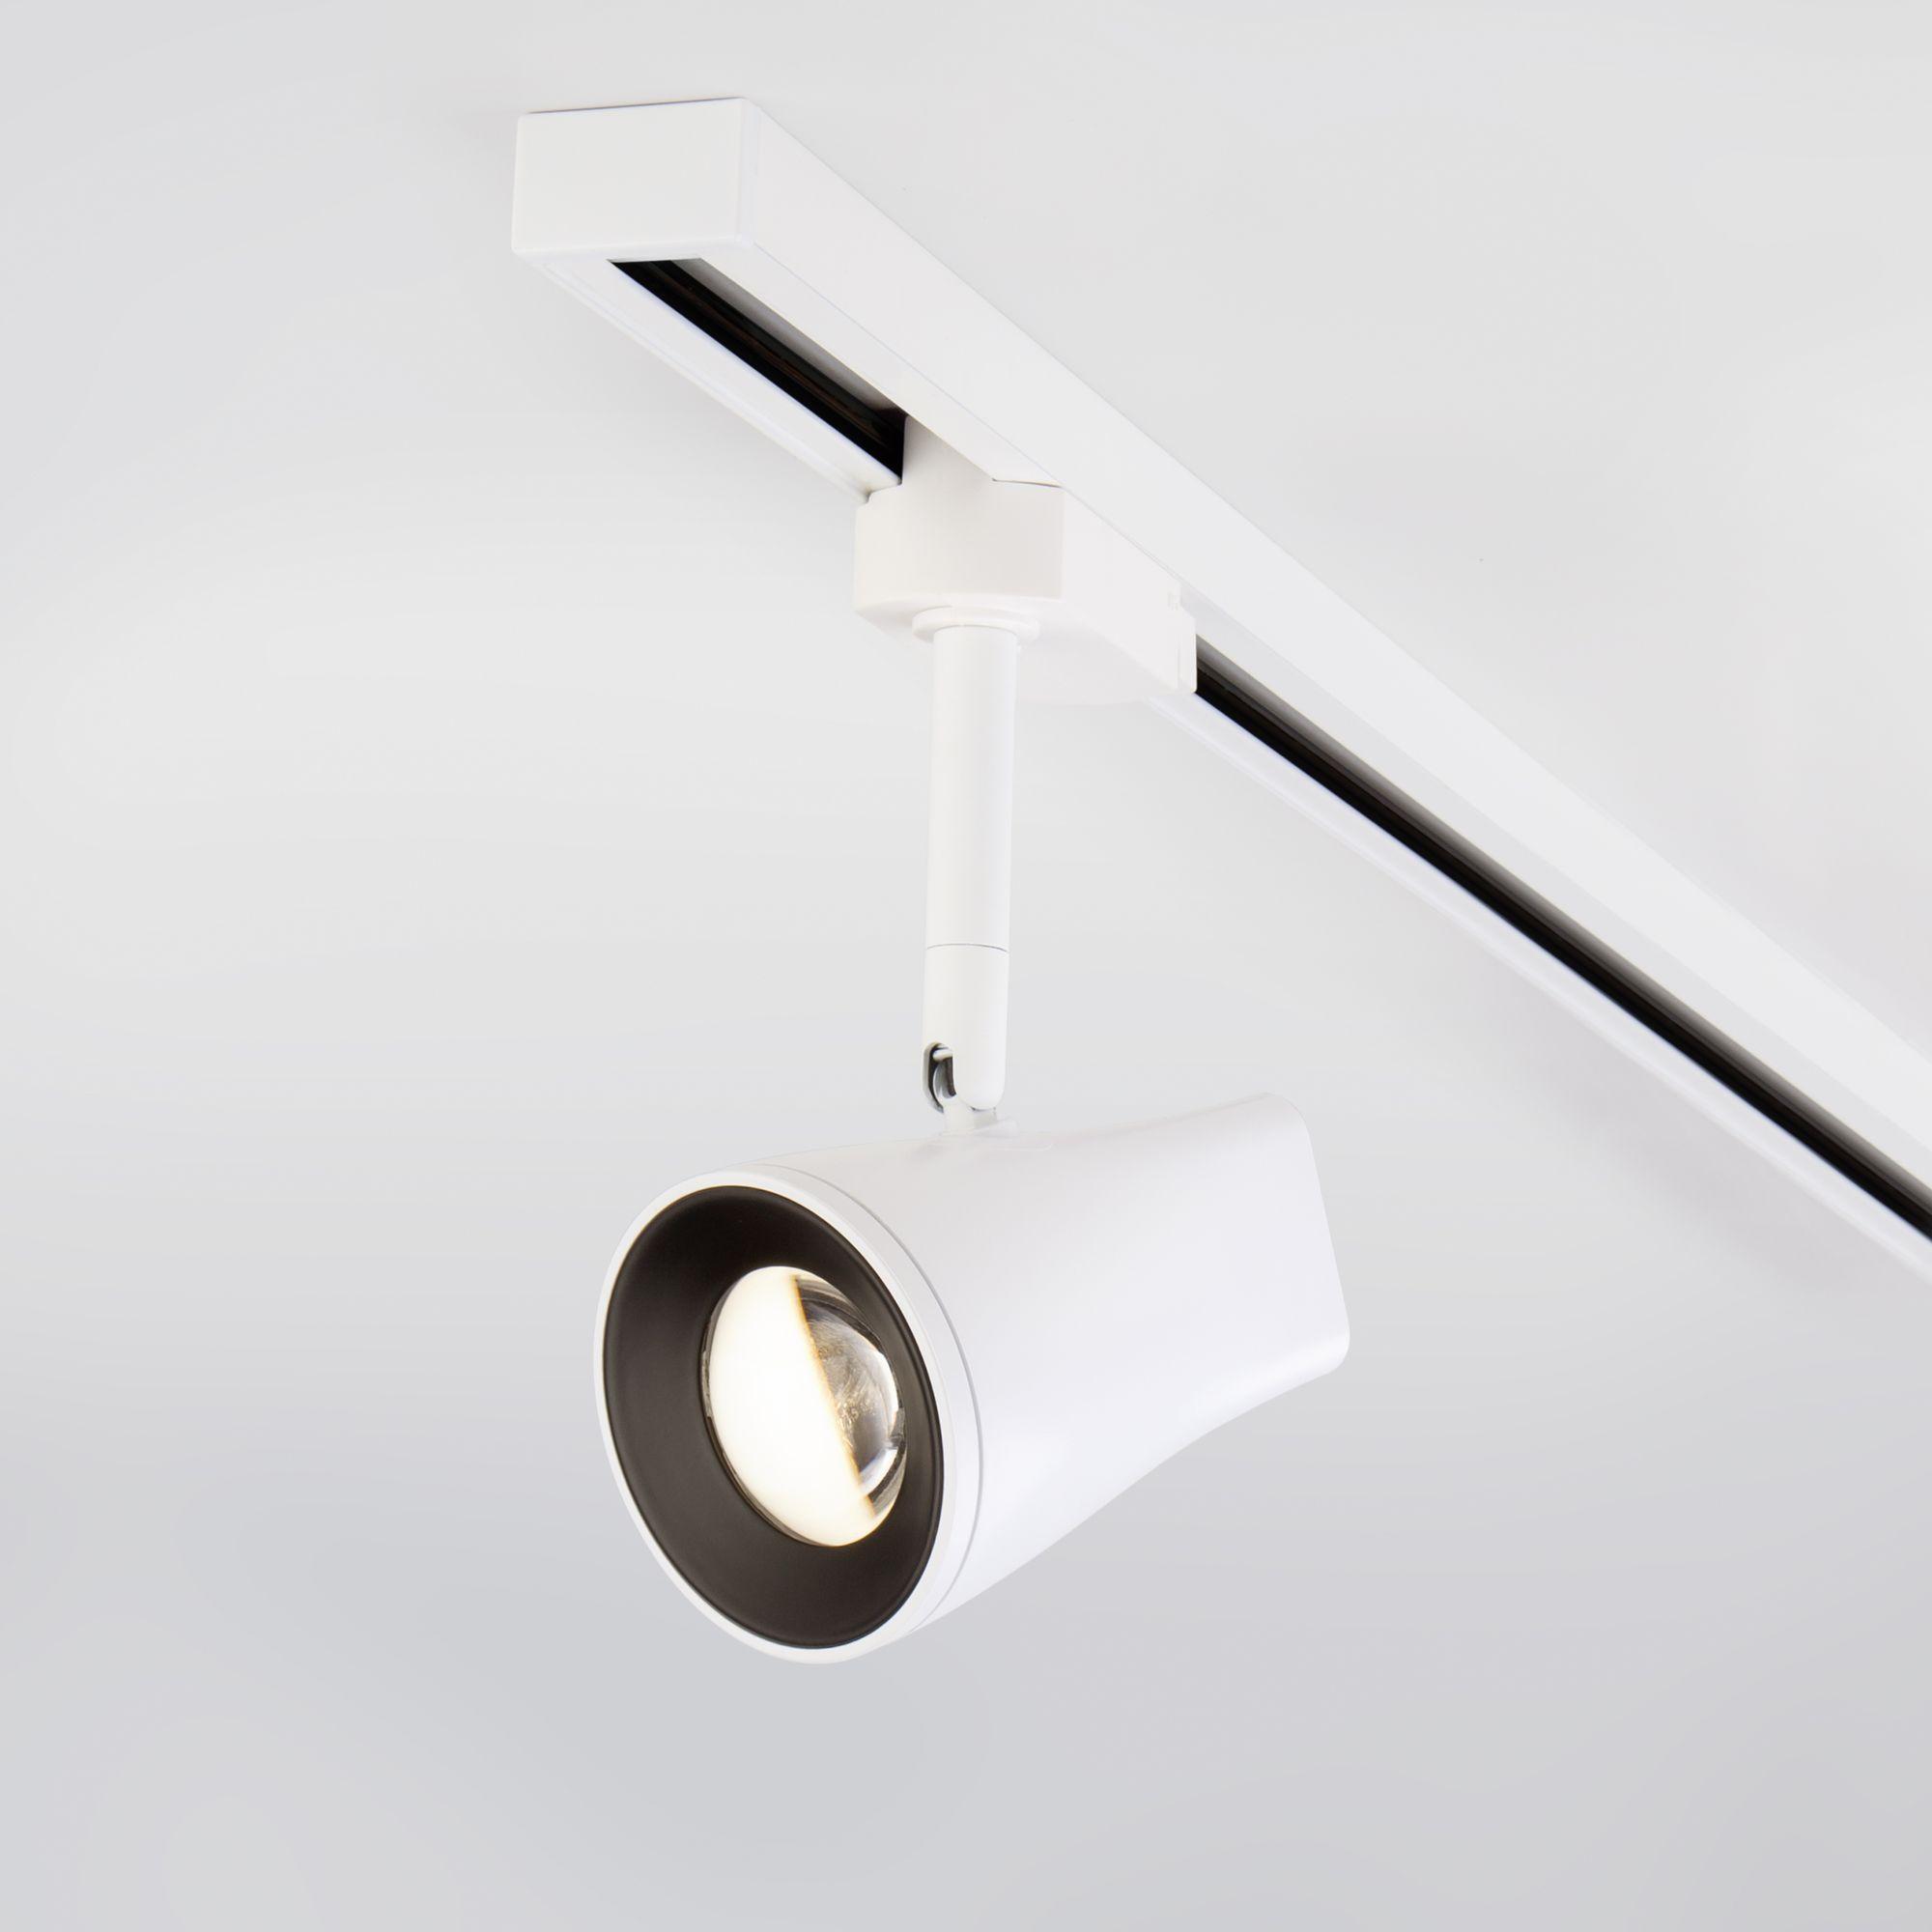 Трековый светодиодный светильник для однофазного шинопровода Hardi белый 9W 4200K (1 шт.) LTB18